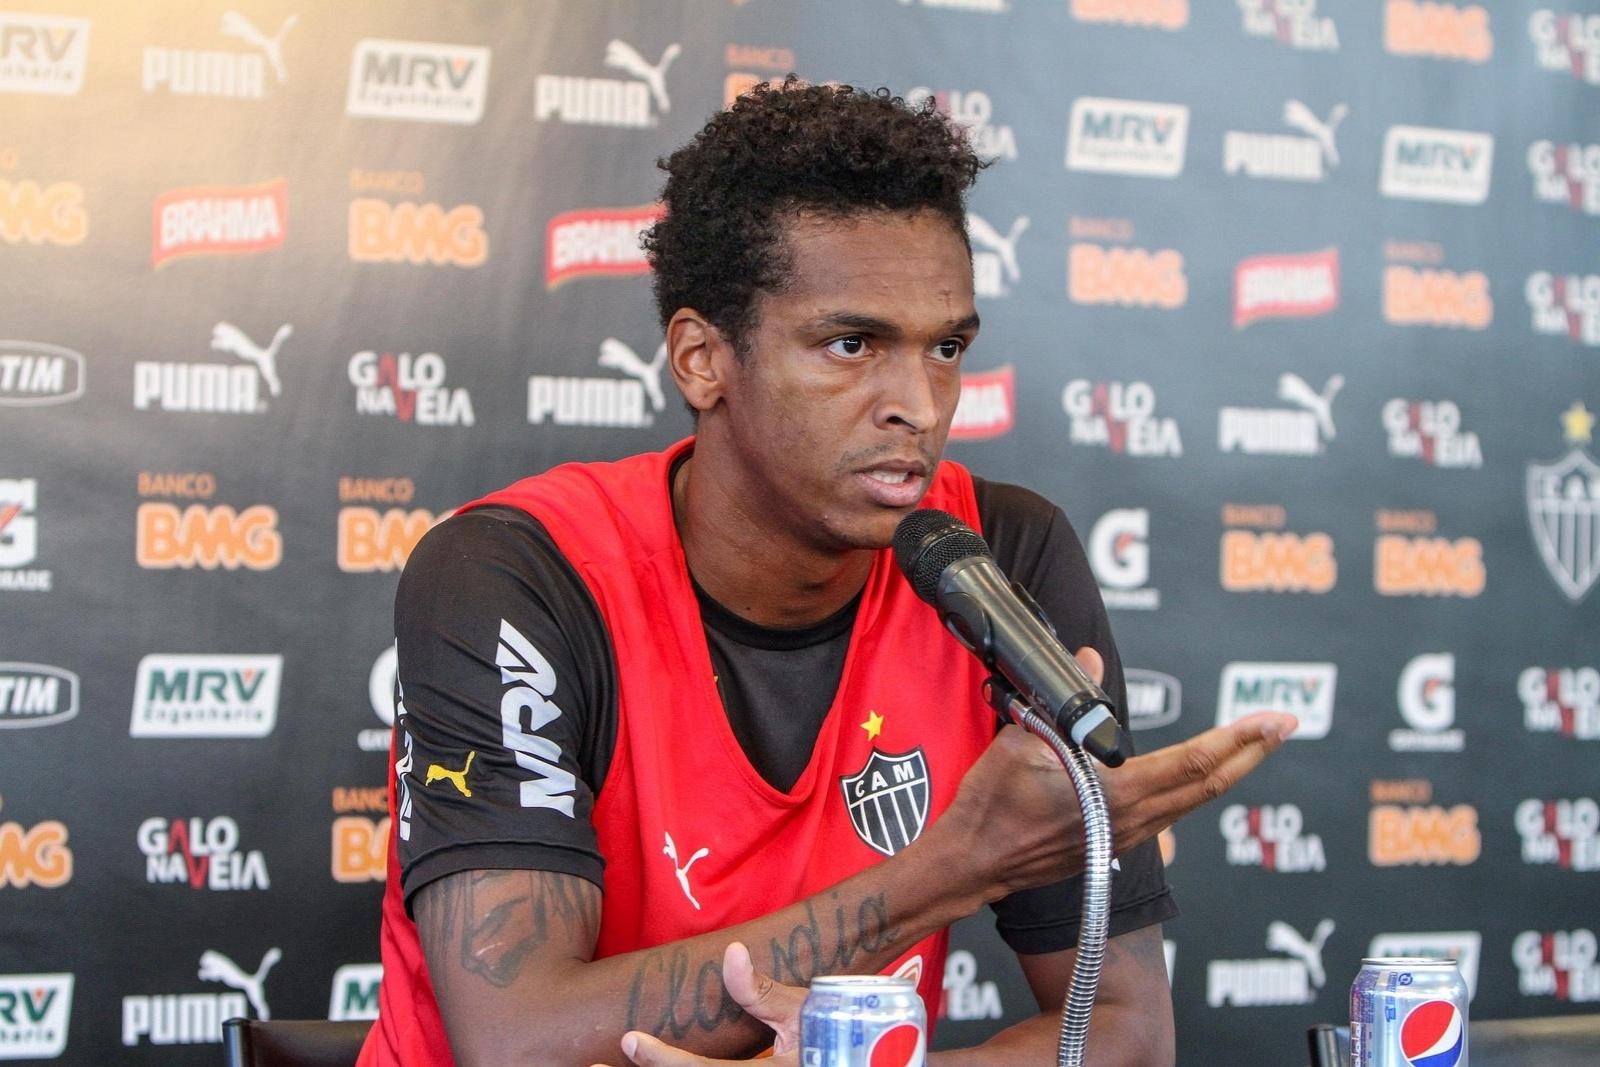 8 ago 2014 - Jô concede entreviosta coletiva, nesta sexta-feira, na Cidade do Galo, para explicar sua ausência no Atlético-MG